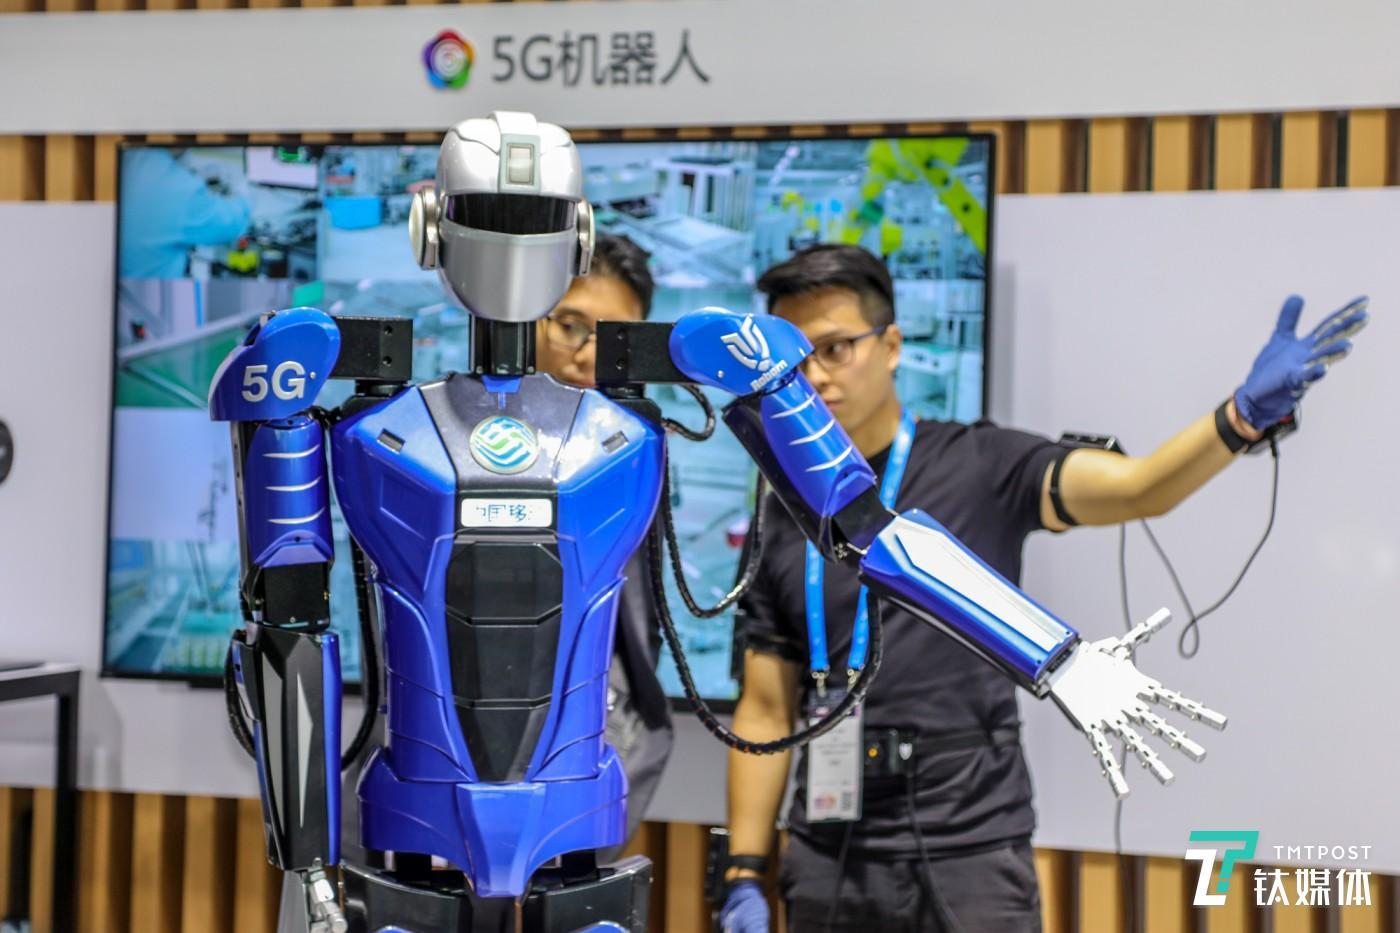 利用5G通讯技术完成远程机器人操控